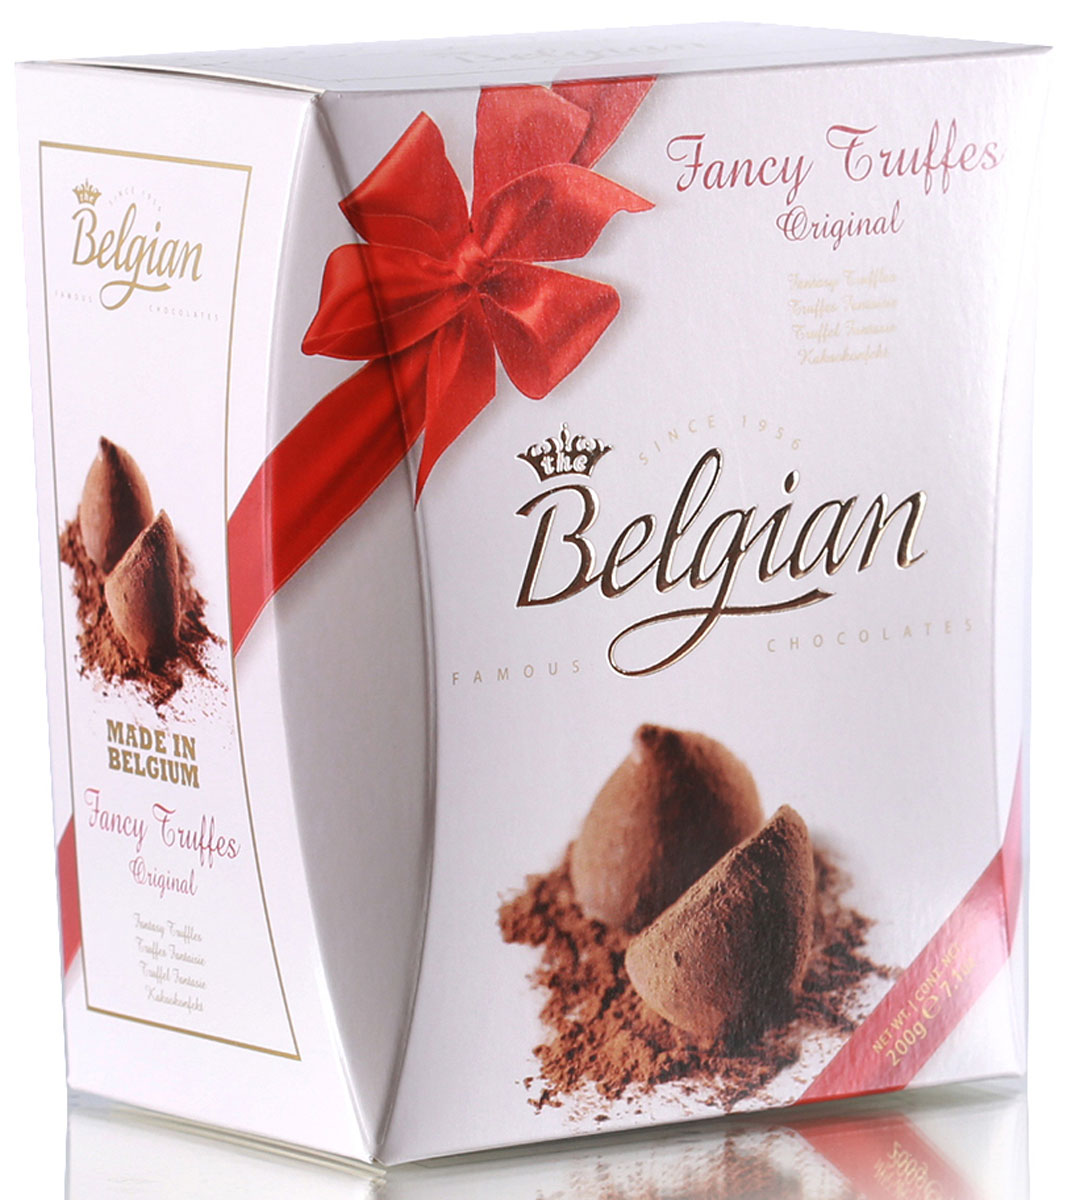 The Belgian Трюфели в какао пудре оригинальные, 200 г7.37.20В привлекательном аромате конфет доминируют оттенки какао. Насыщенный шоколадный вкус трюфелей обладает изысканной и пикантной горчинкой, которую конфетам придают хрустящие кусочки какао-бобов и присыпка из натурального какао-порошка.